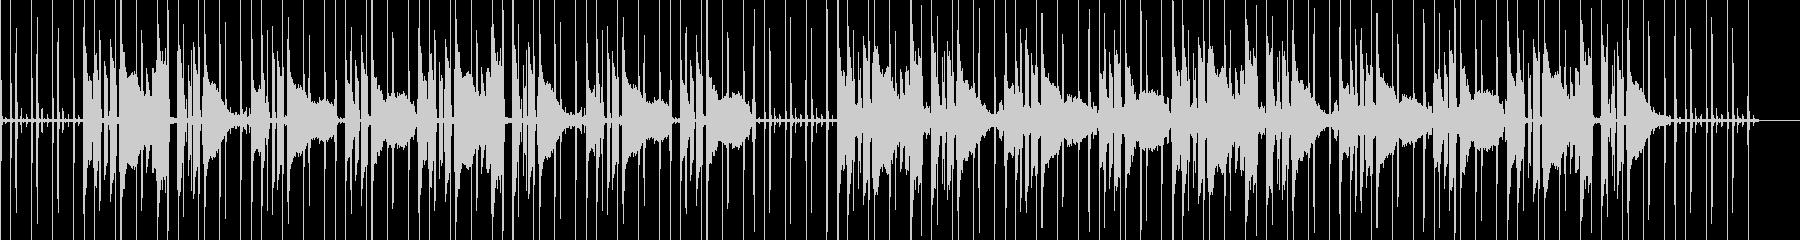 ローファイ・ギター・チル・落ち着いたの未再生の波形